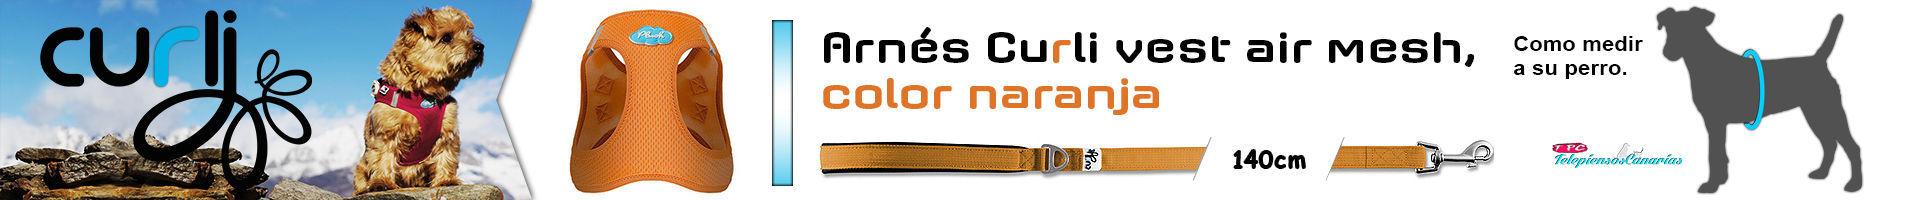 Arnés Curli vest air mesh, color naranja, protege de lesiones